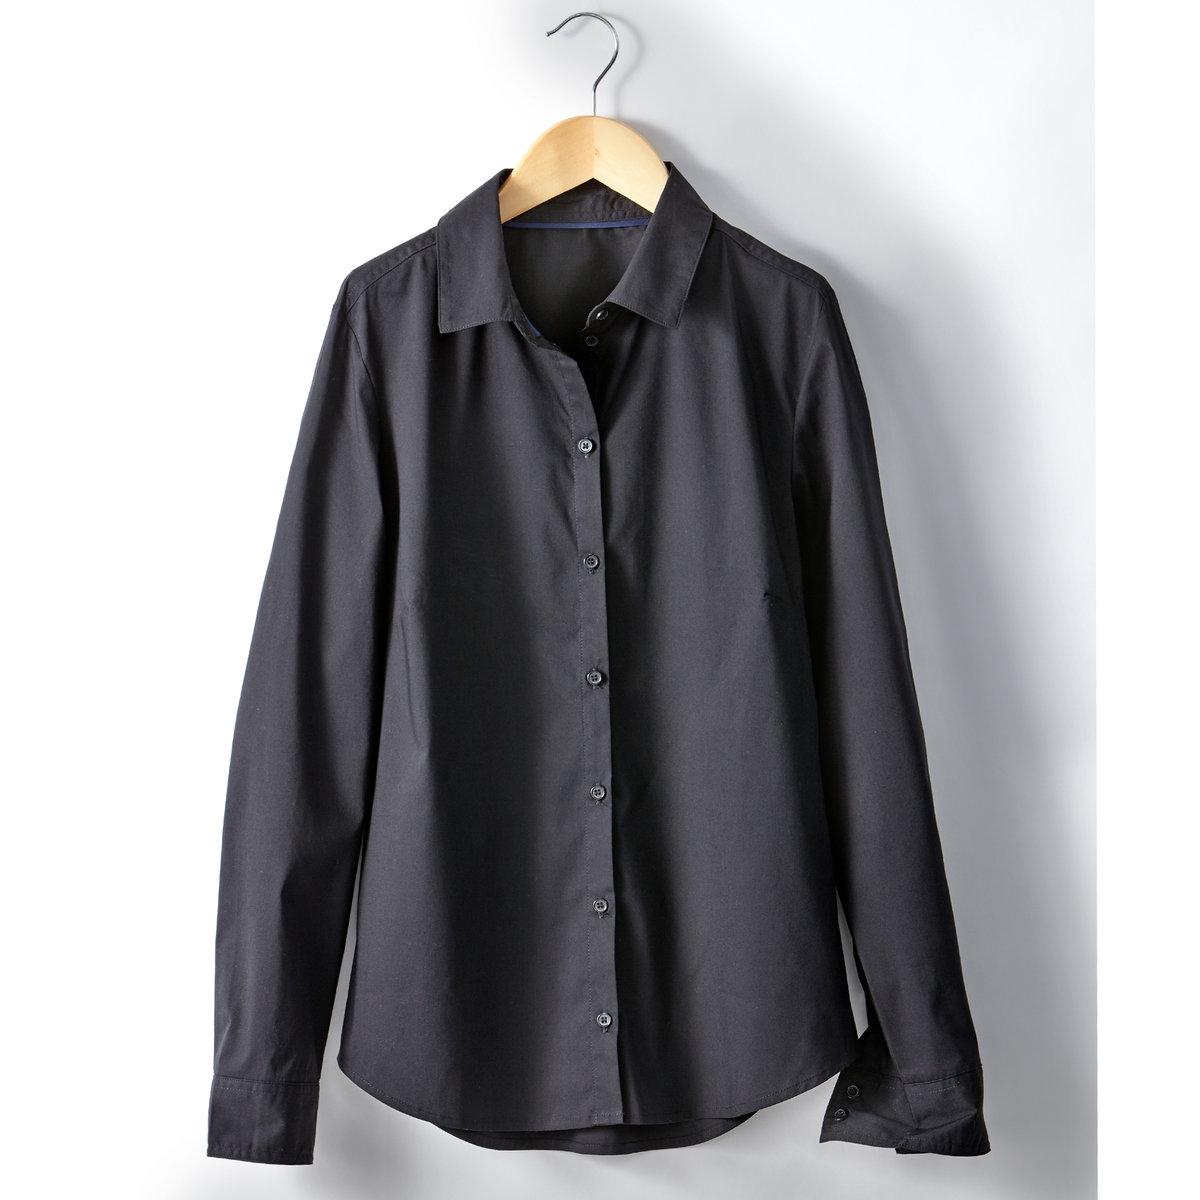 Рубашка однотонная из поплинаРубашка однотонная из поплина. Длинные рукава. Слегка приталенный покрой. Рубашечный воротник на стойке. Закругленный низ. Вставка сзади.  Состав и описаниеМарка : R Essentiel Материал : Поплин стретч 69% хлопка, 28% полиамида, 3%  эластанаДлина : 65 смУходМашинная стирка при 30 °C с вещами схожих цветов Гладить при низкой температуреМашинная сушка в умеренном режиме<br><br>Цвет: черный